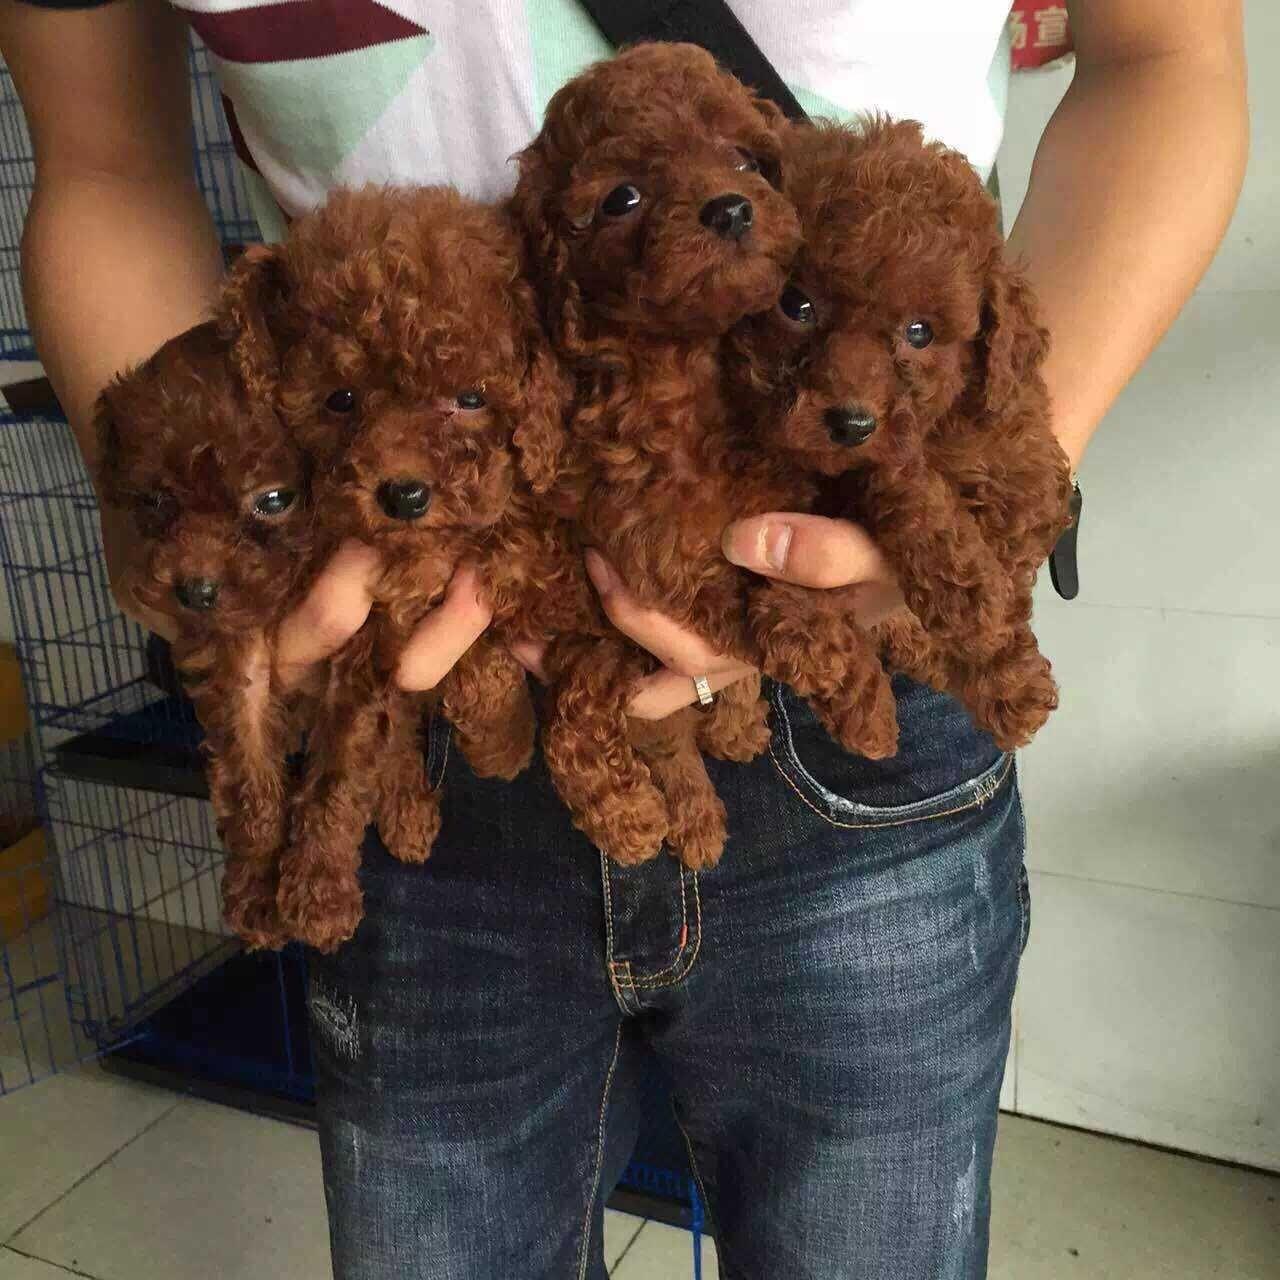 成都专业繁殖纯种泰迪幼犬可送货上门签协议保健康10